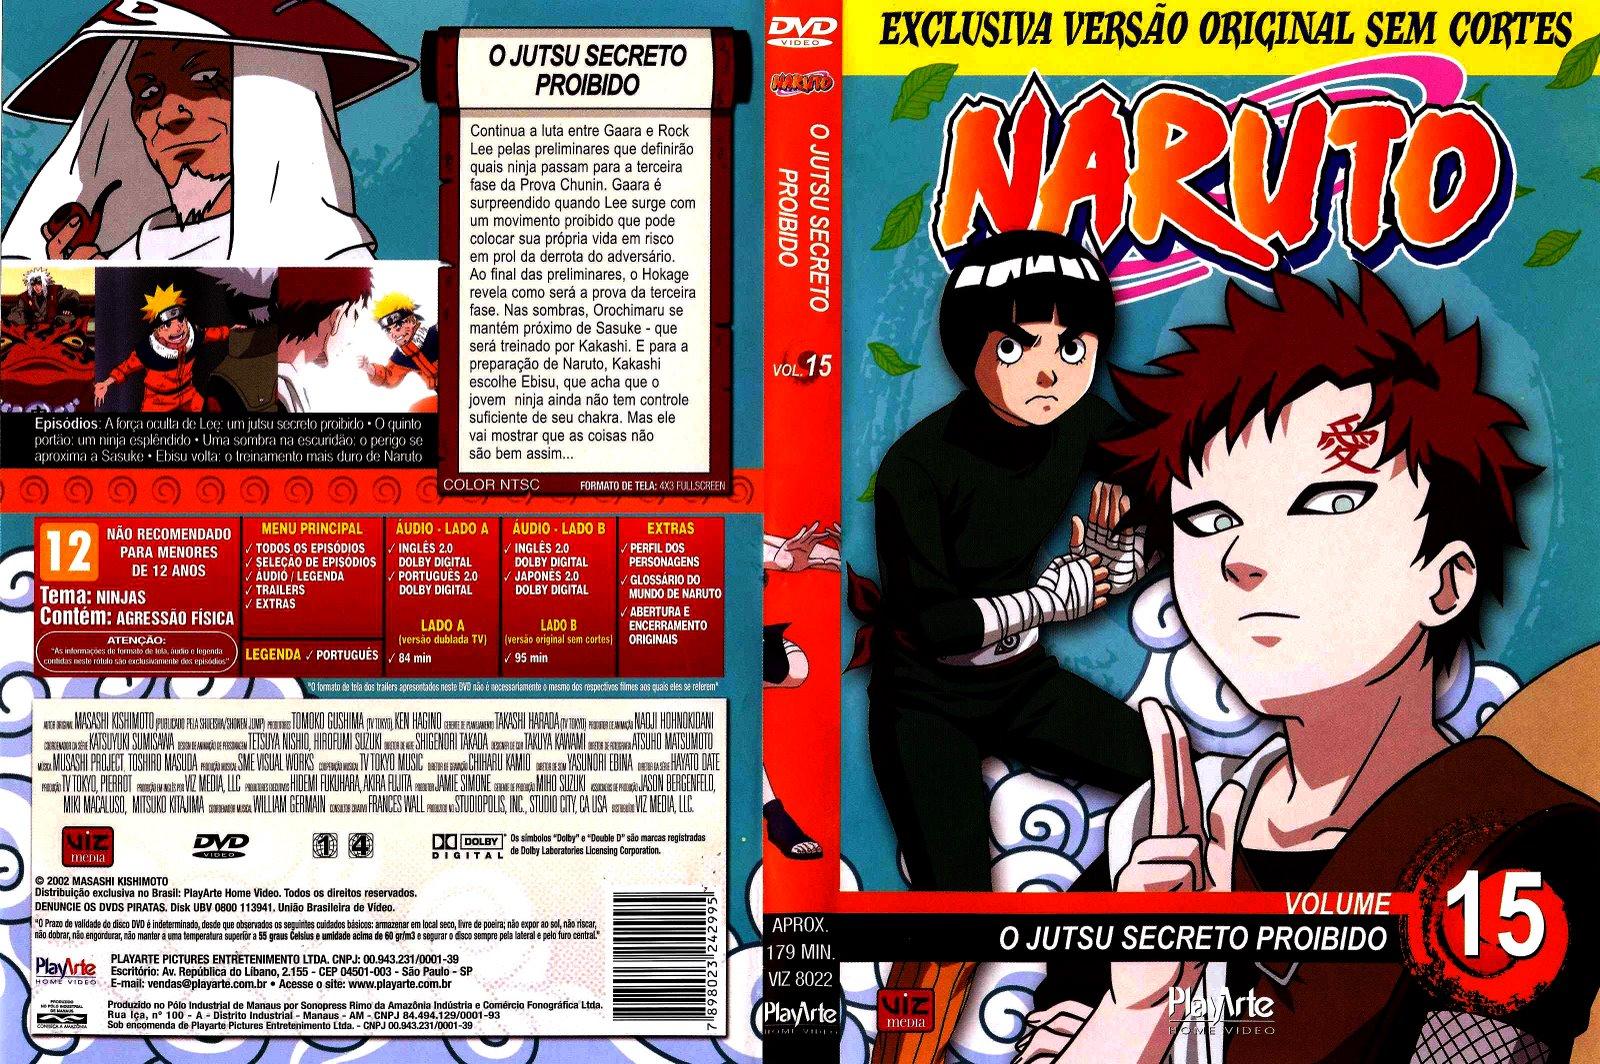 [Naruto+-+Volume+15+-+O+Jutsu+Secreto+Proibido.jpg]